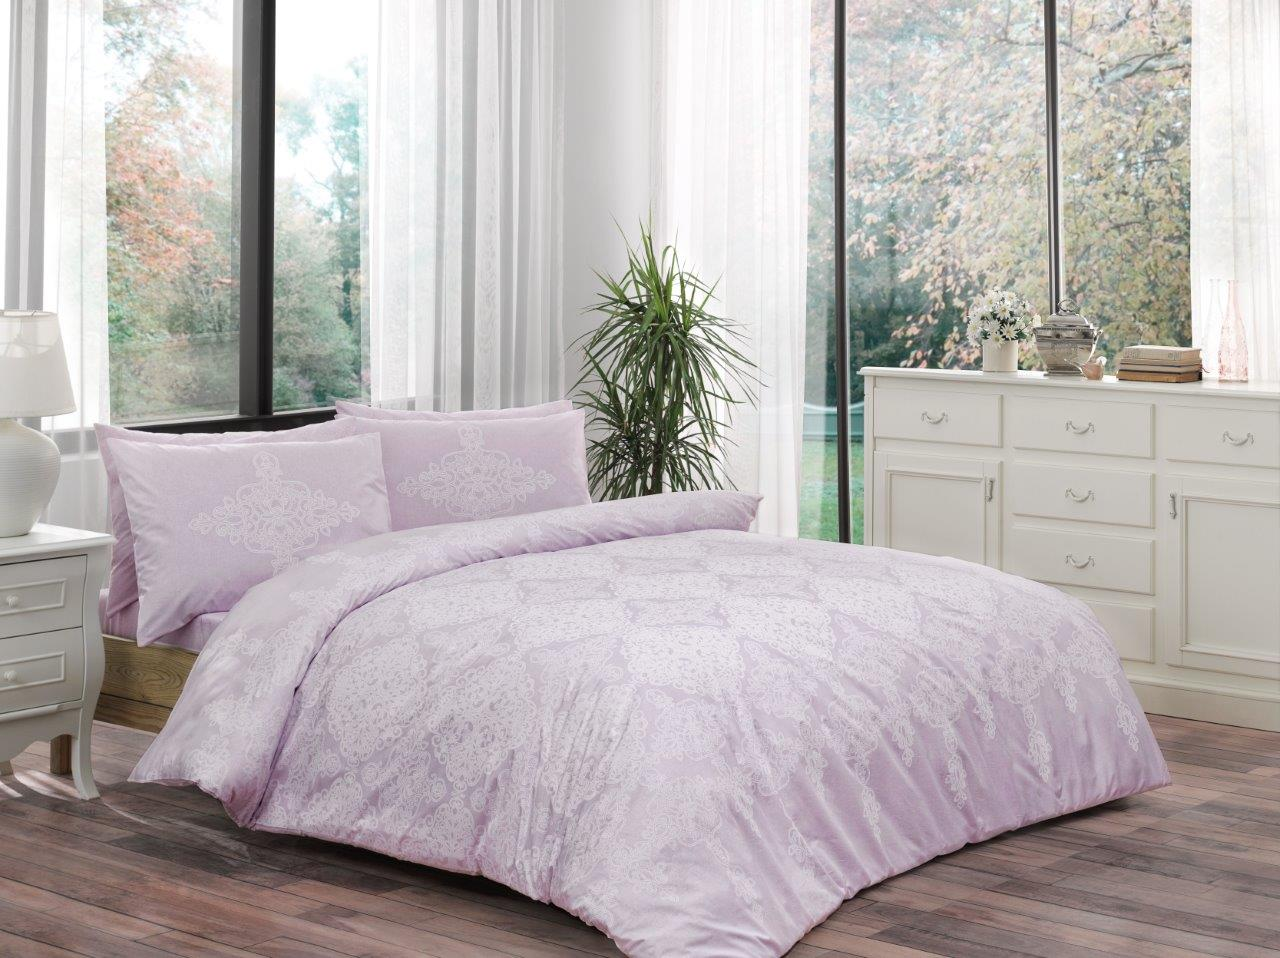 Комплект белья ТАС Blanche, 1,5-спальный, наволочки 50x70, цвет: лиловый. 4080-45429